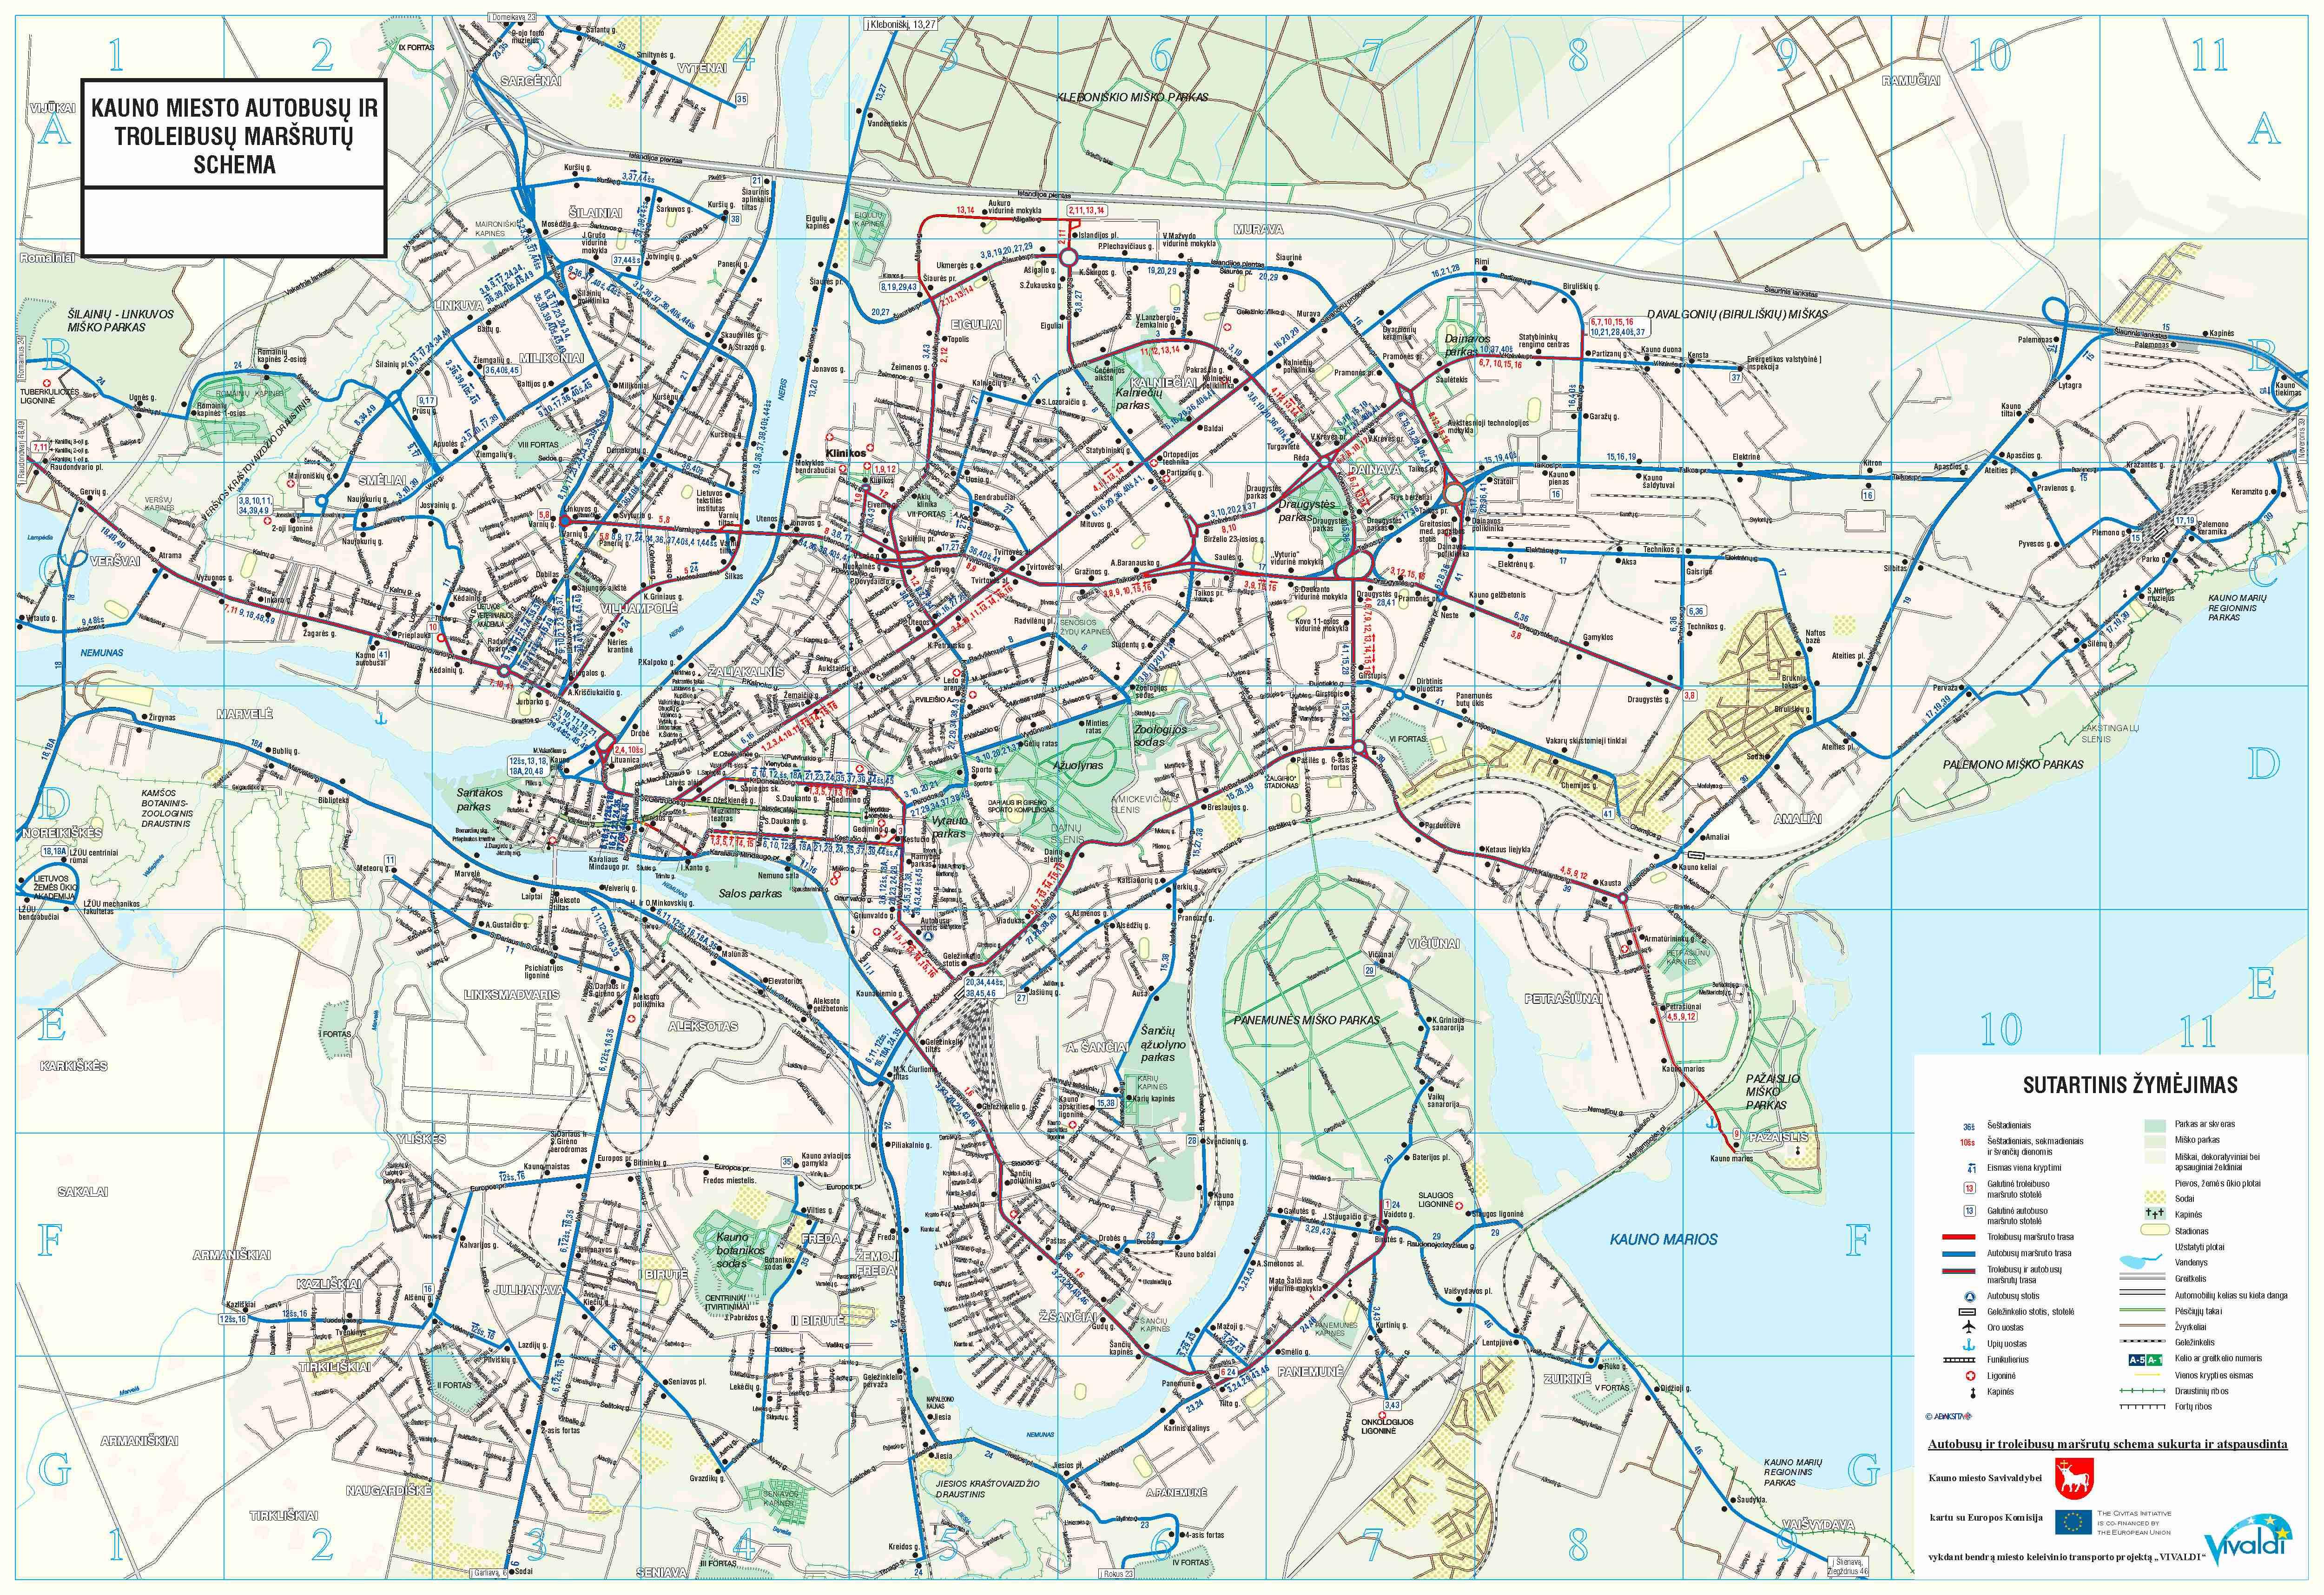 Kaunas City Map Kaunas Lithuania Mappery - Kaunas map